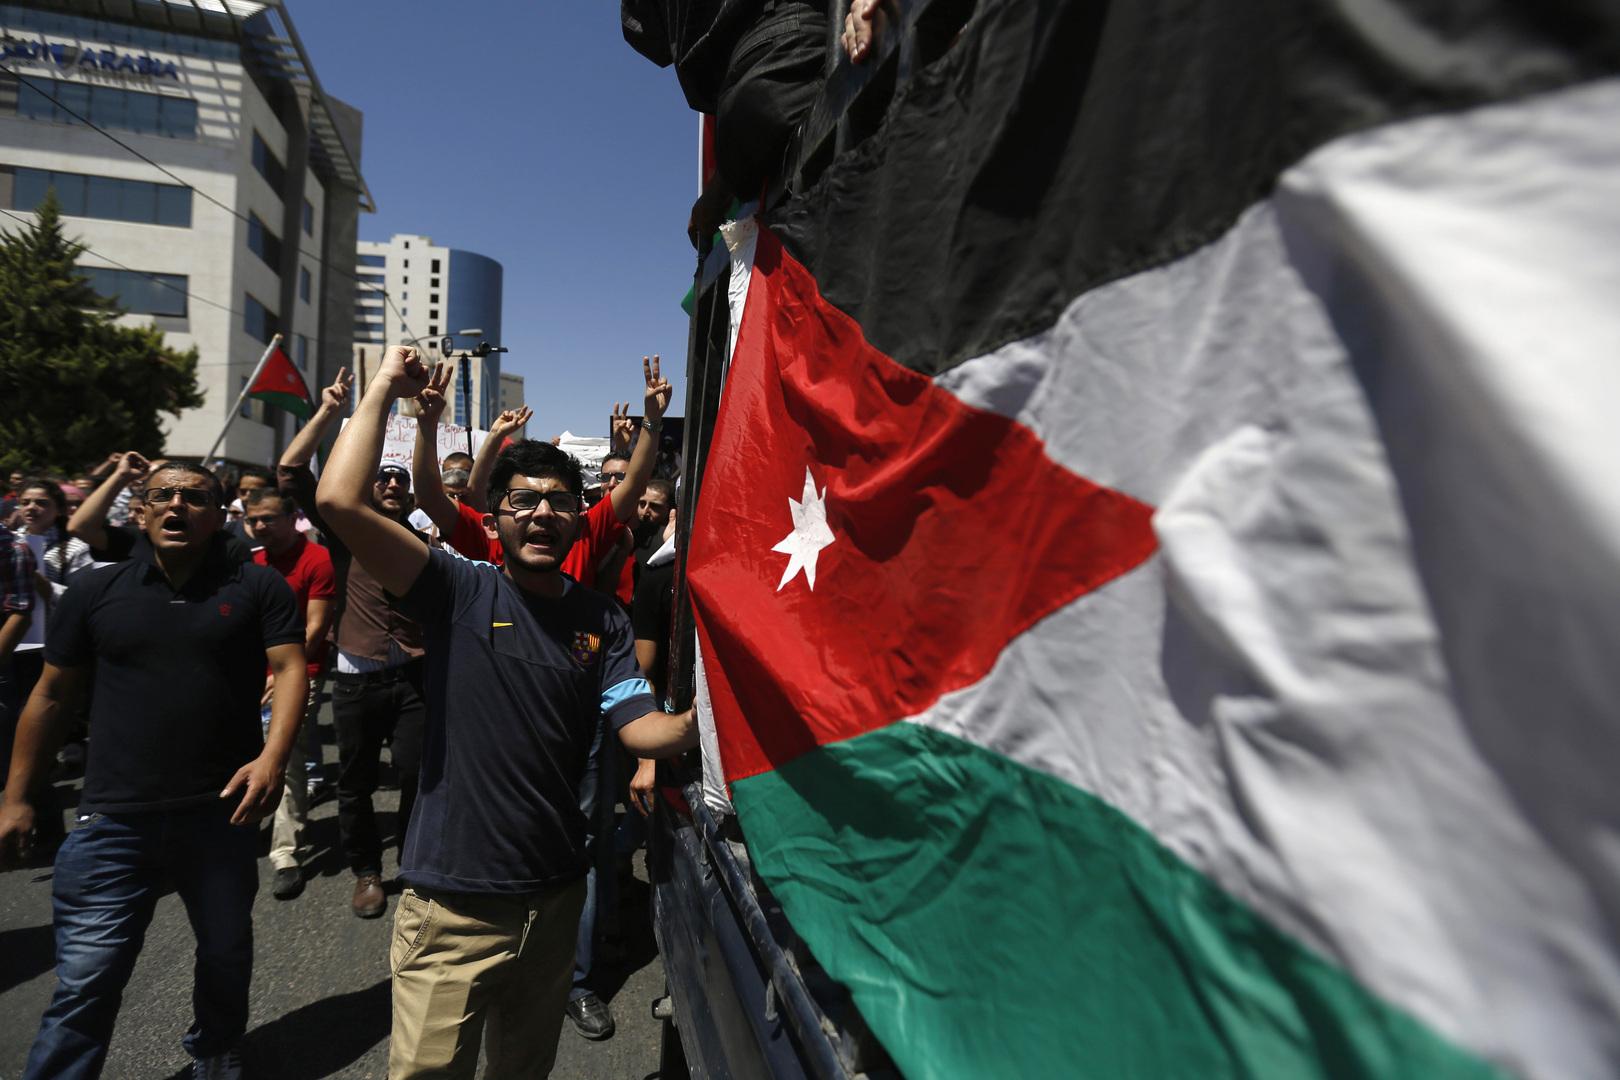 الأردن يسلم فلسطين عقود